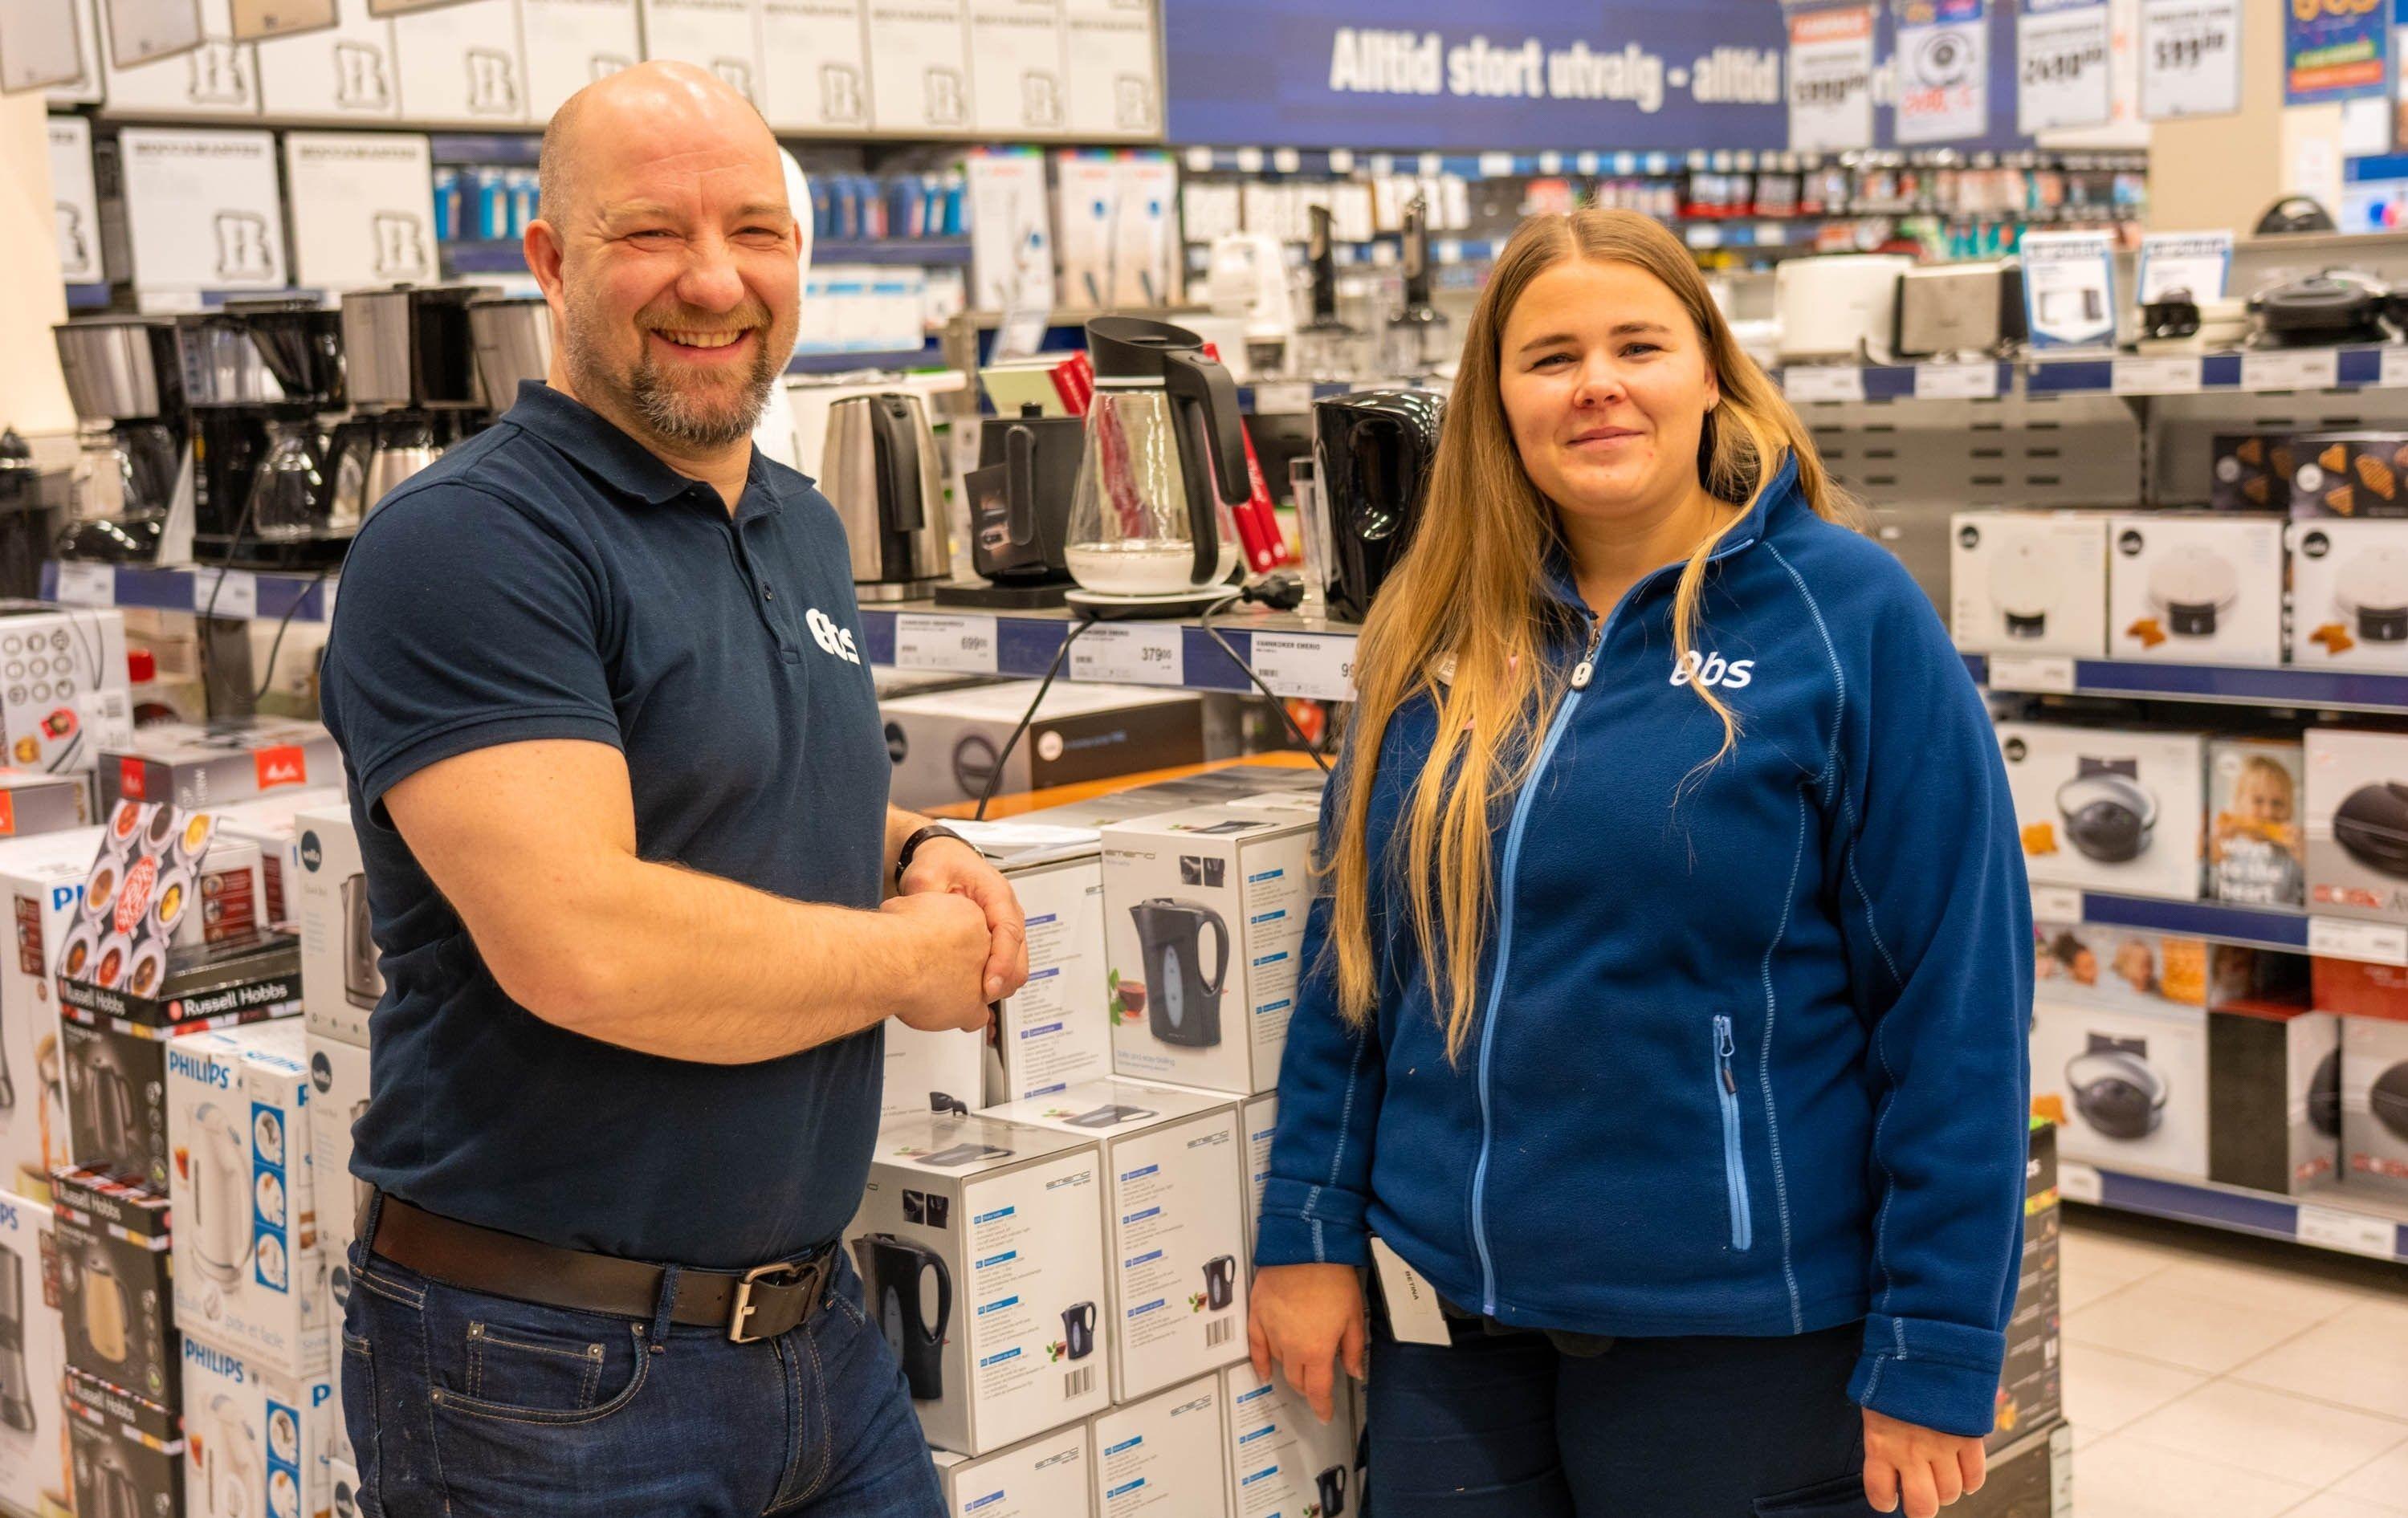 Varehussjef Frode Vikholt og Betina Tømte på OBS Olrud gleder seg til å ta imot kundene under Black Week.